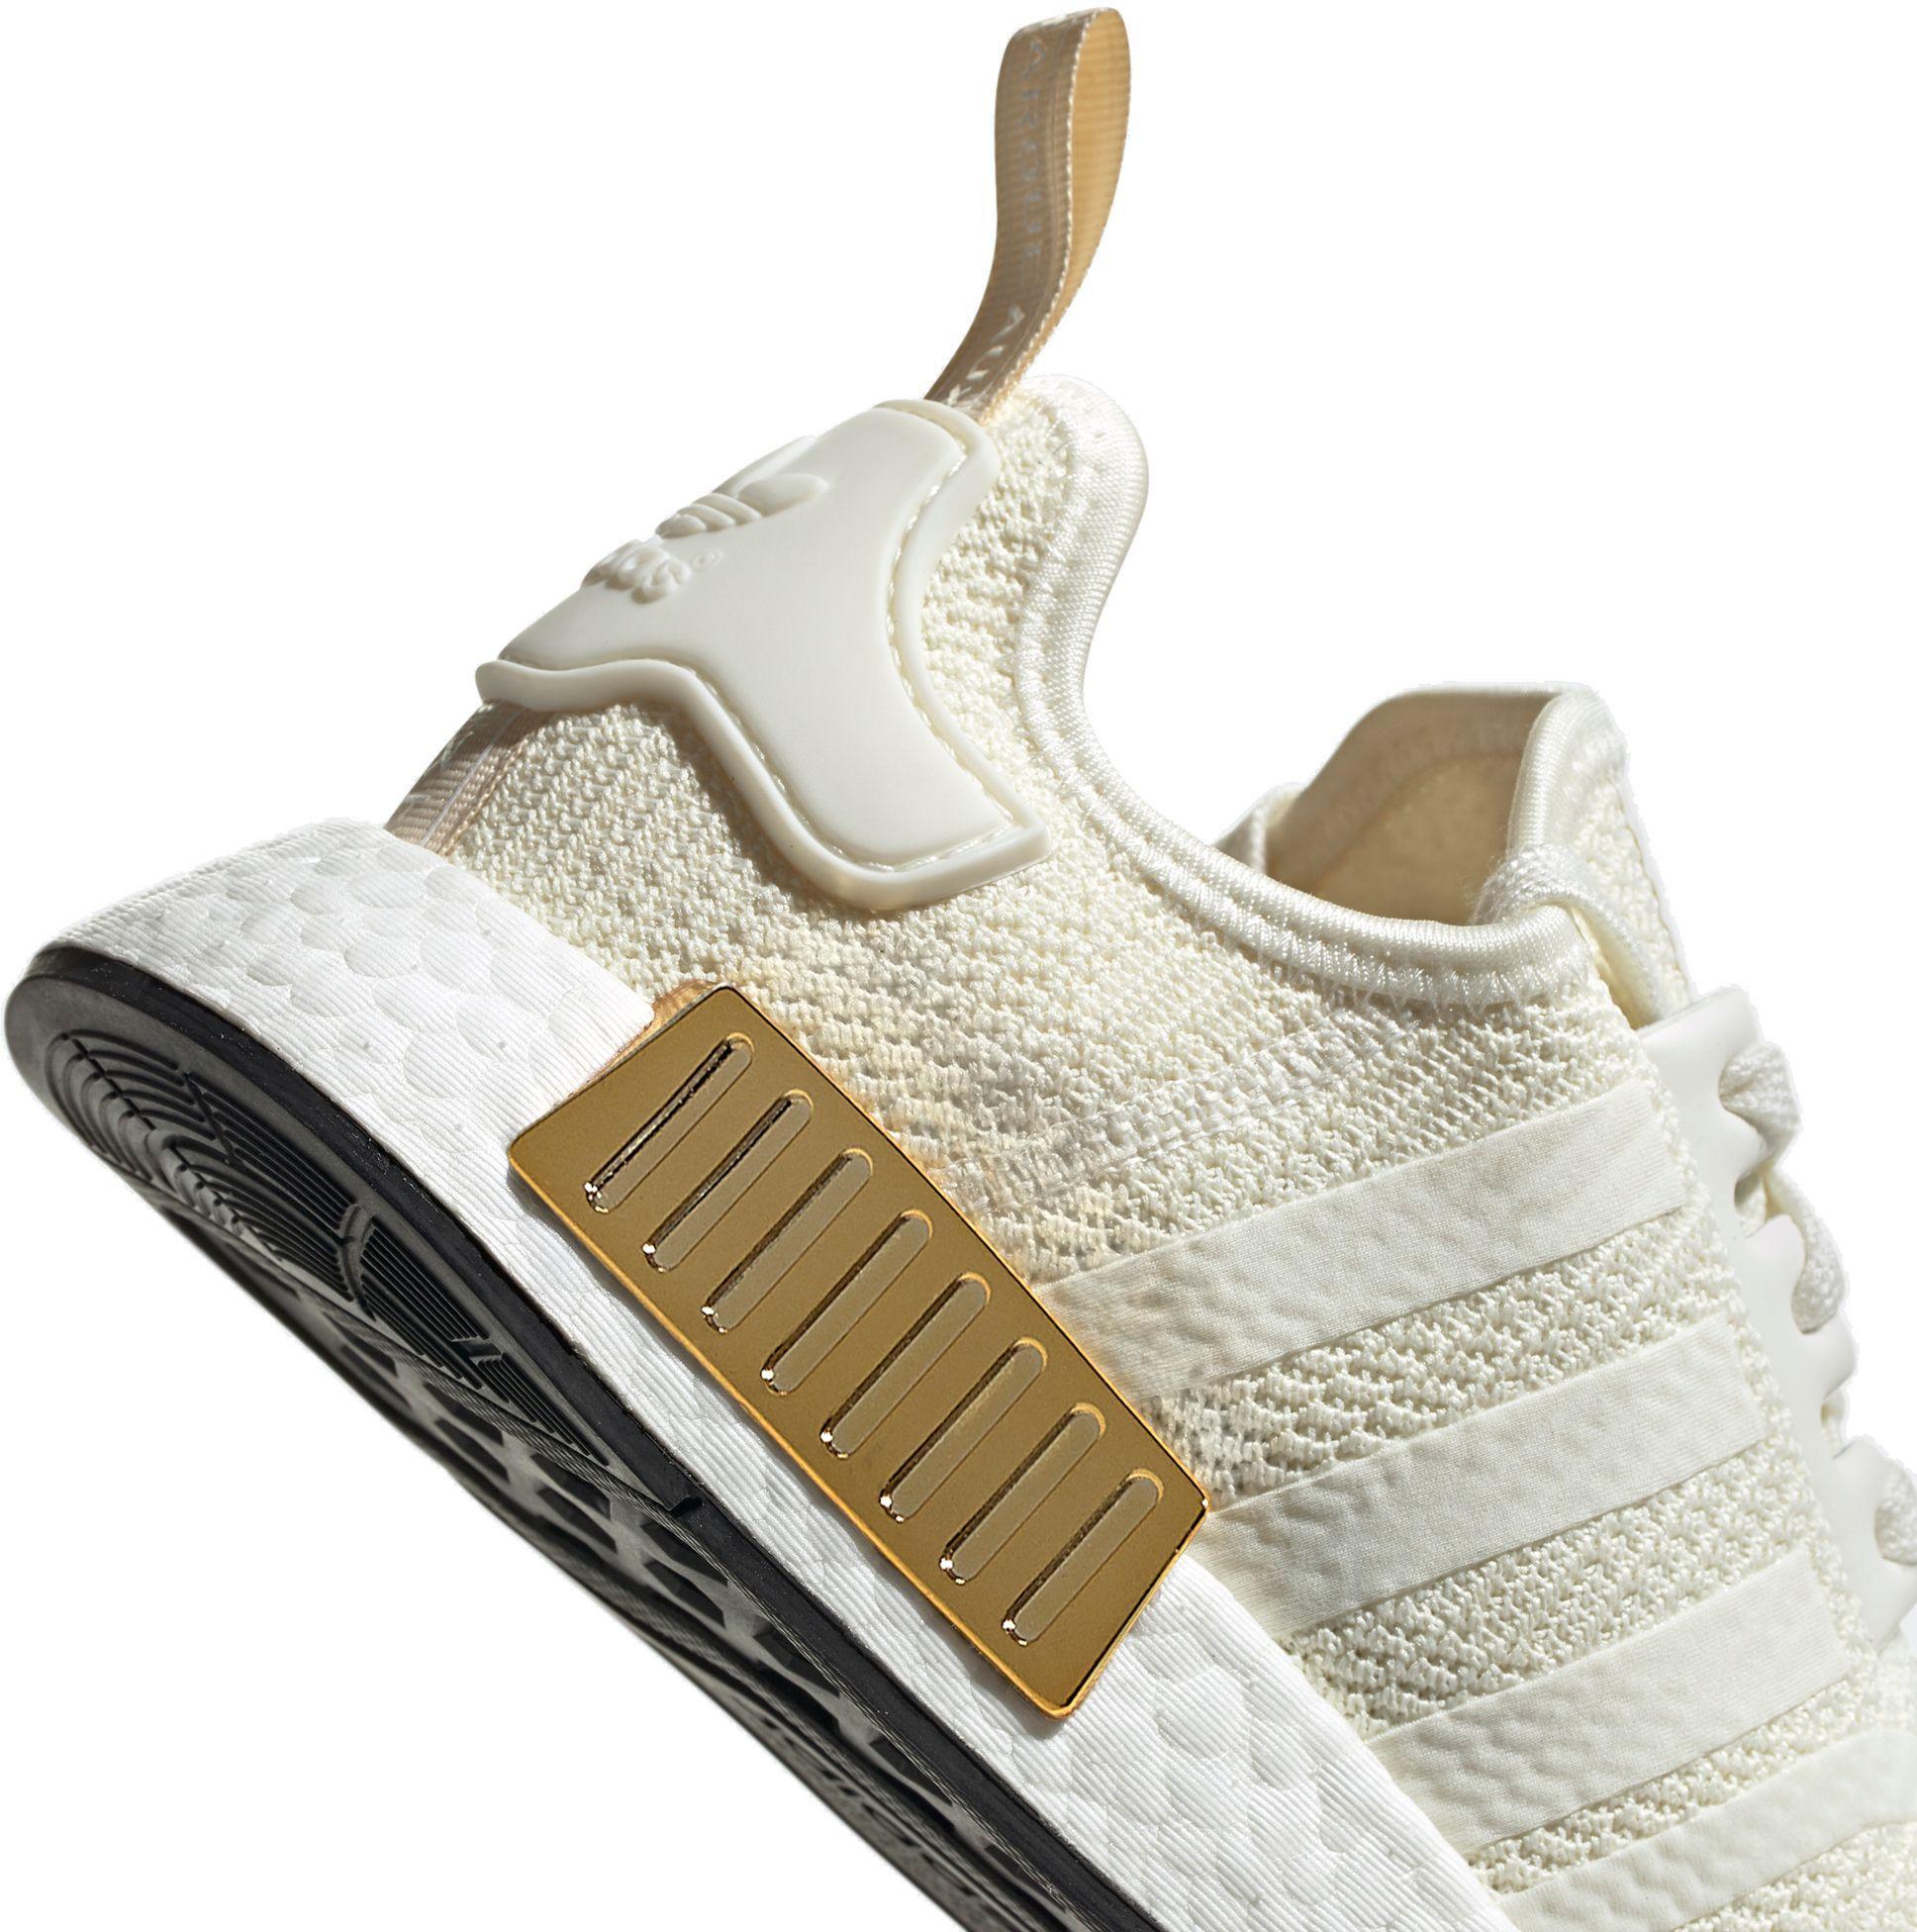 Adidas Originals Nmd R1 Shoes In Cream Gold Metallic Lyst